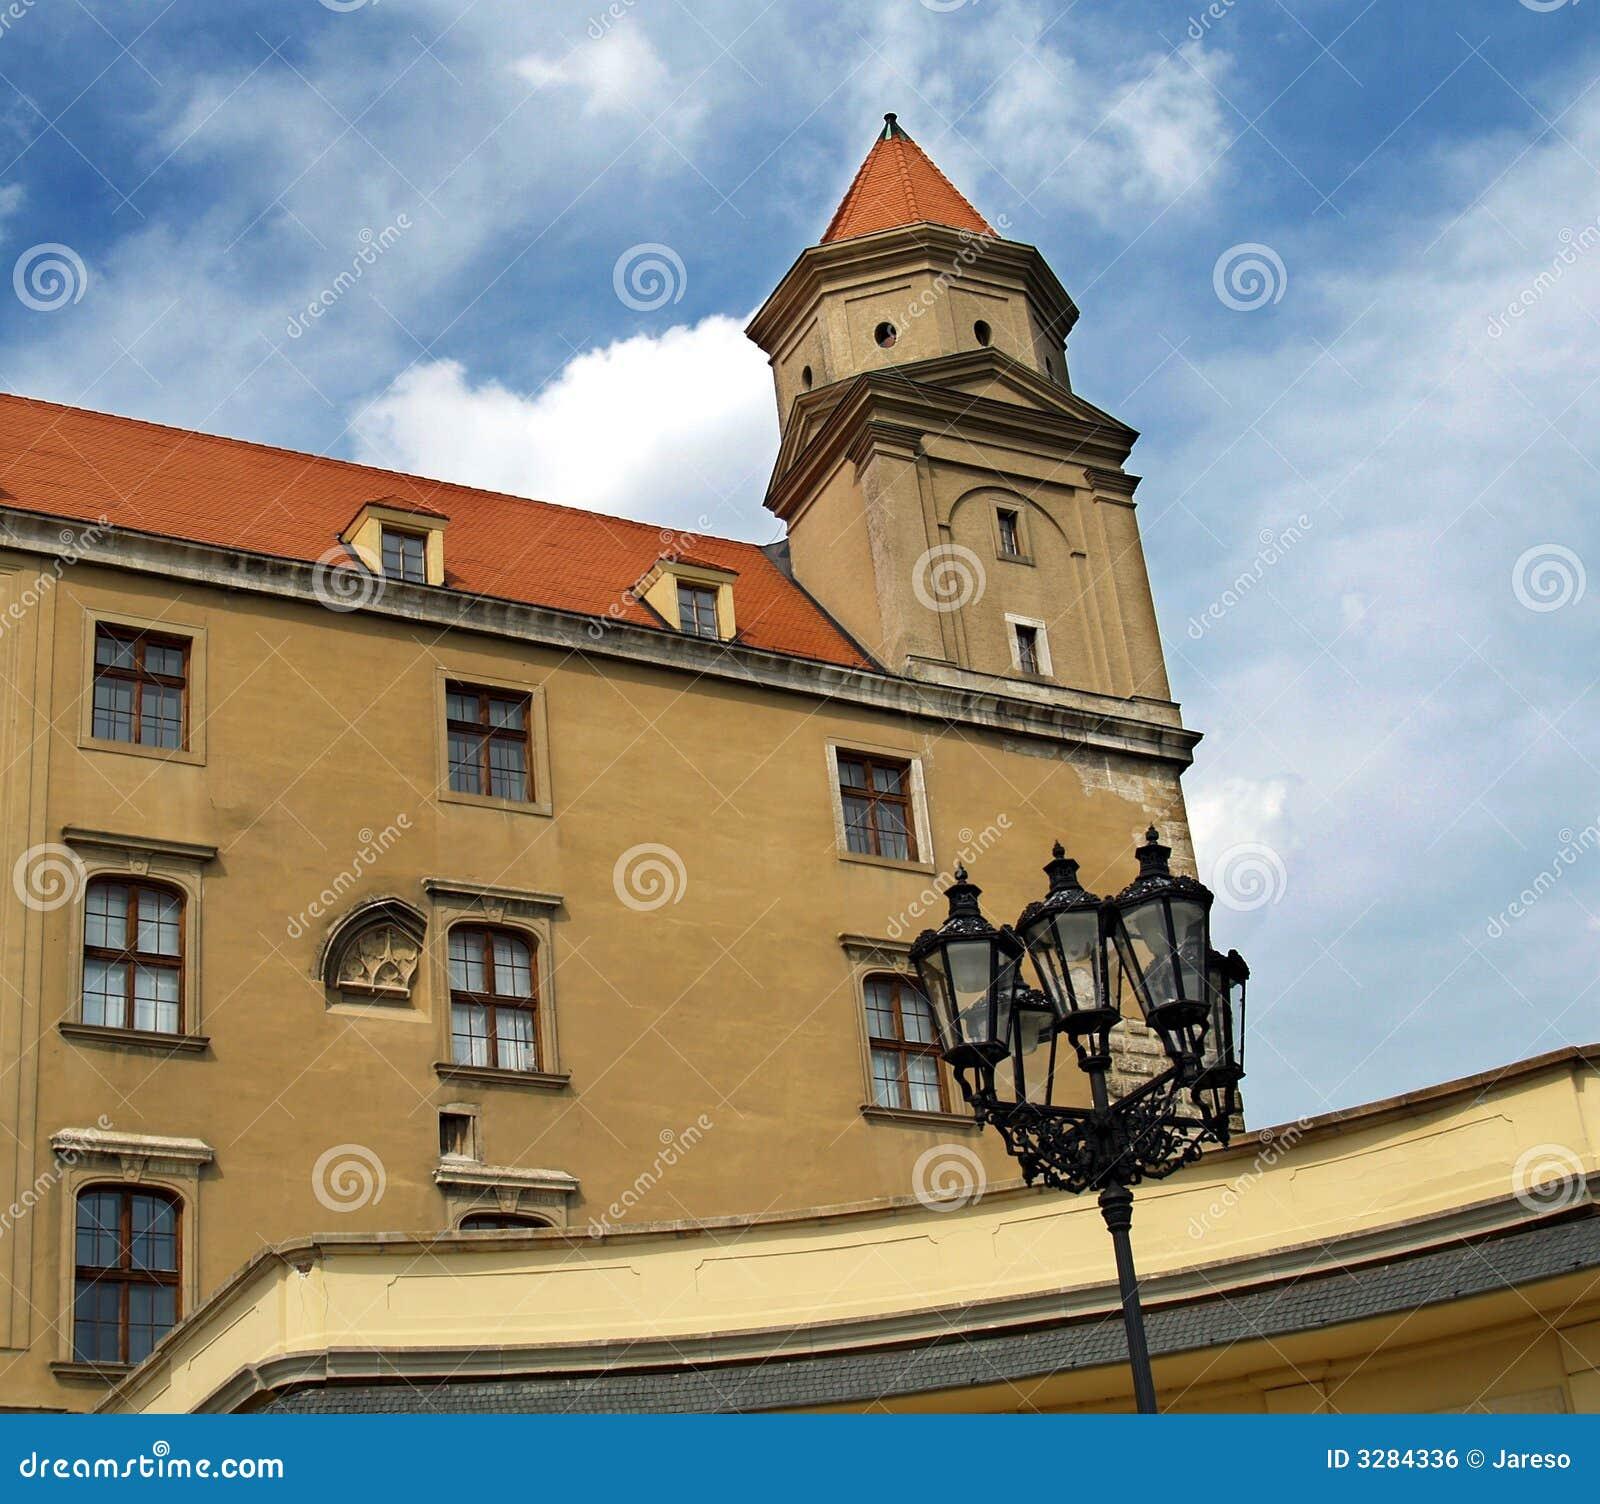 Castle tower detail